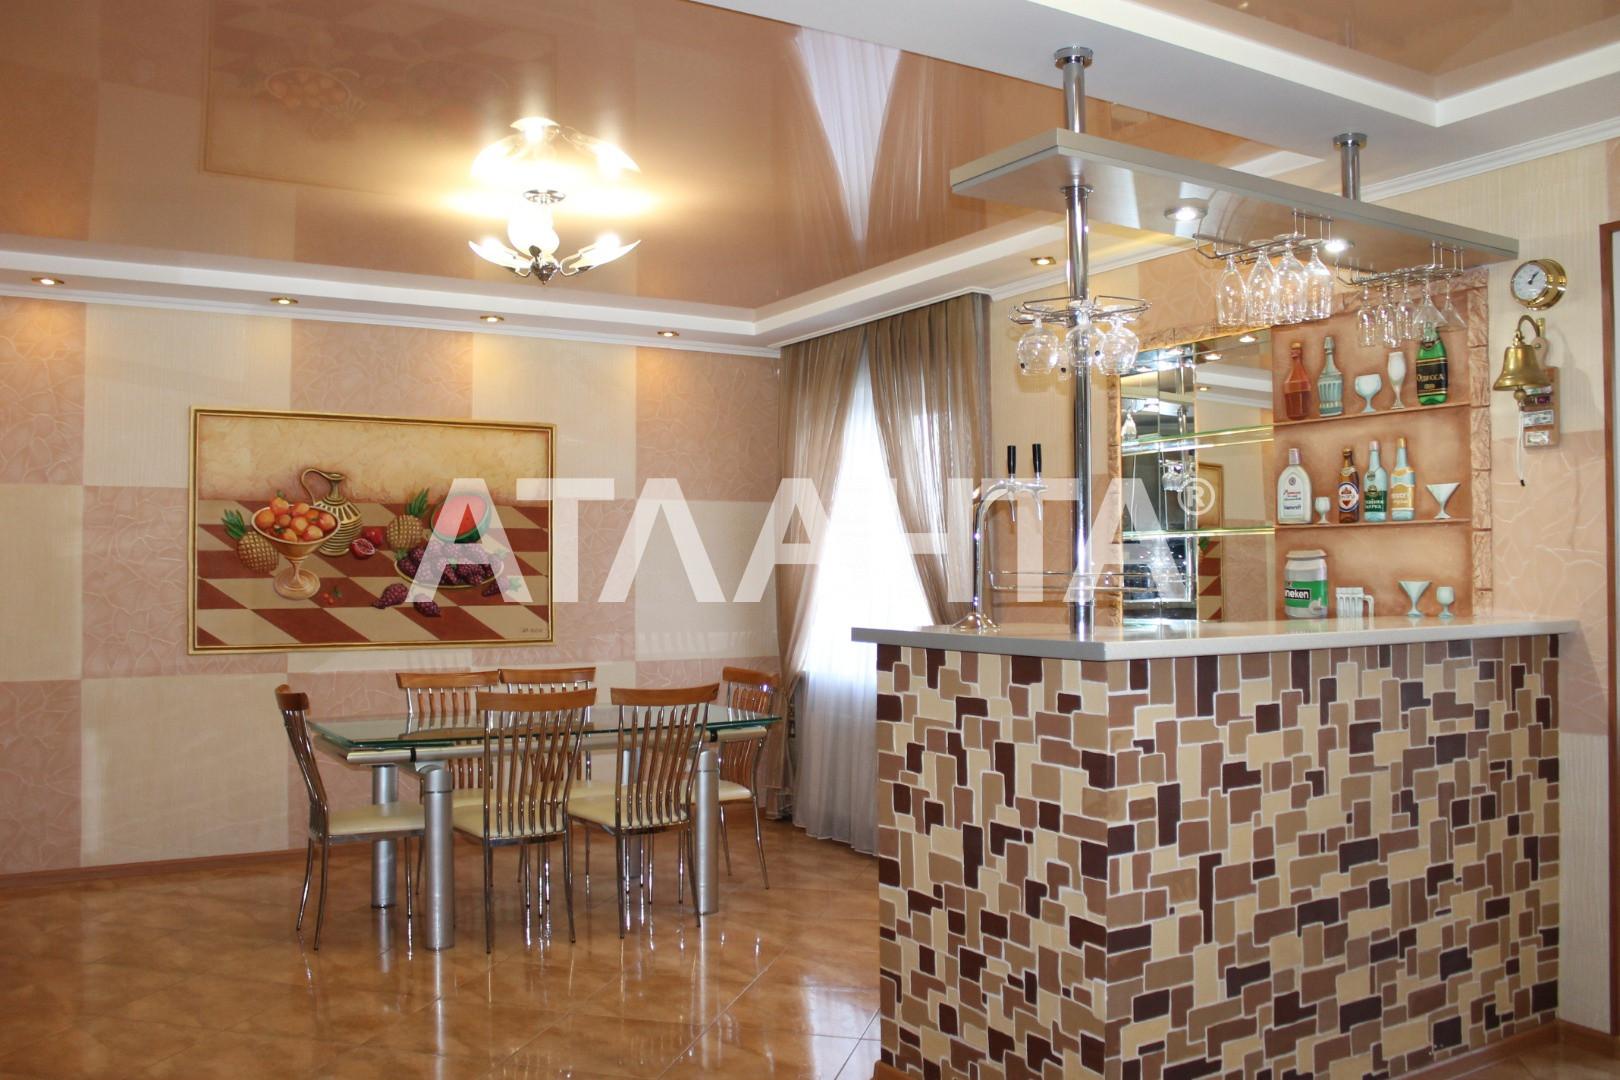 Продается 3-комнатная Квартира на ул. Мечникова — 145 000 у.е. (фото №2)